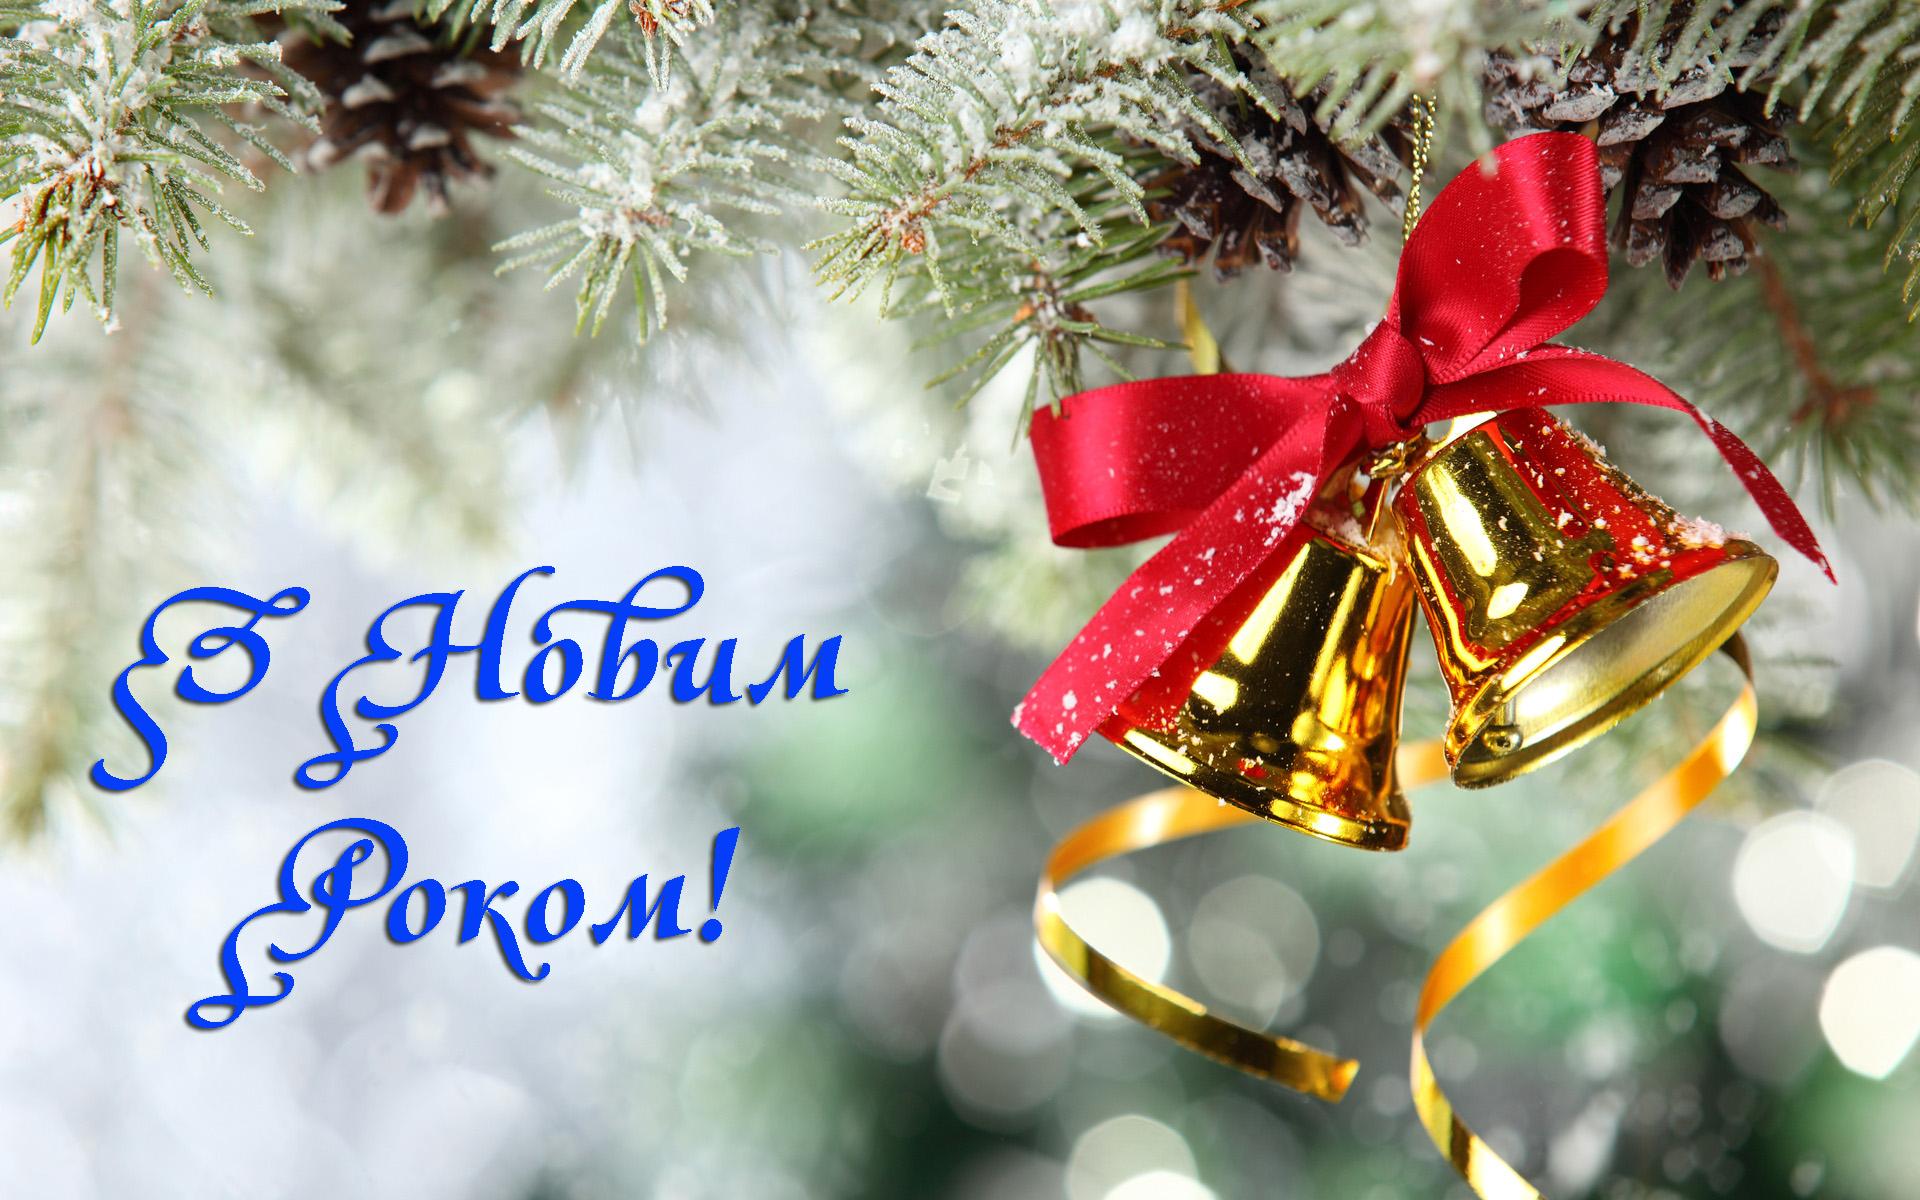 Вітаємо усіх з Новим роком! Бажаємо миру та  добробуту усім!